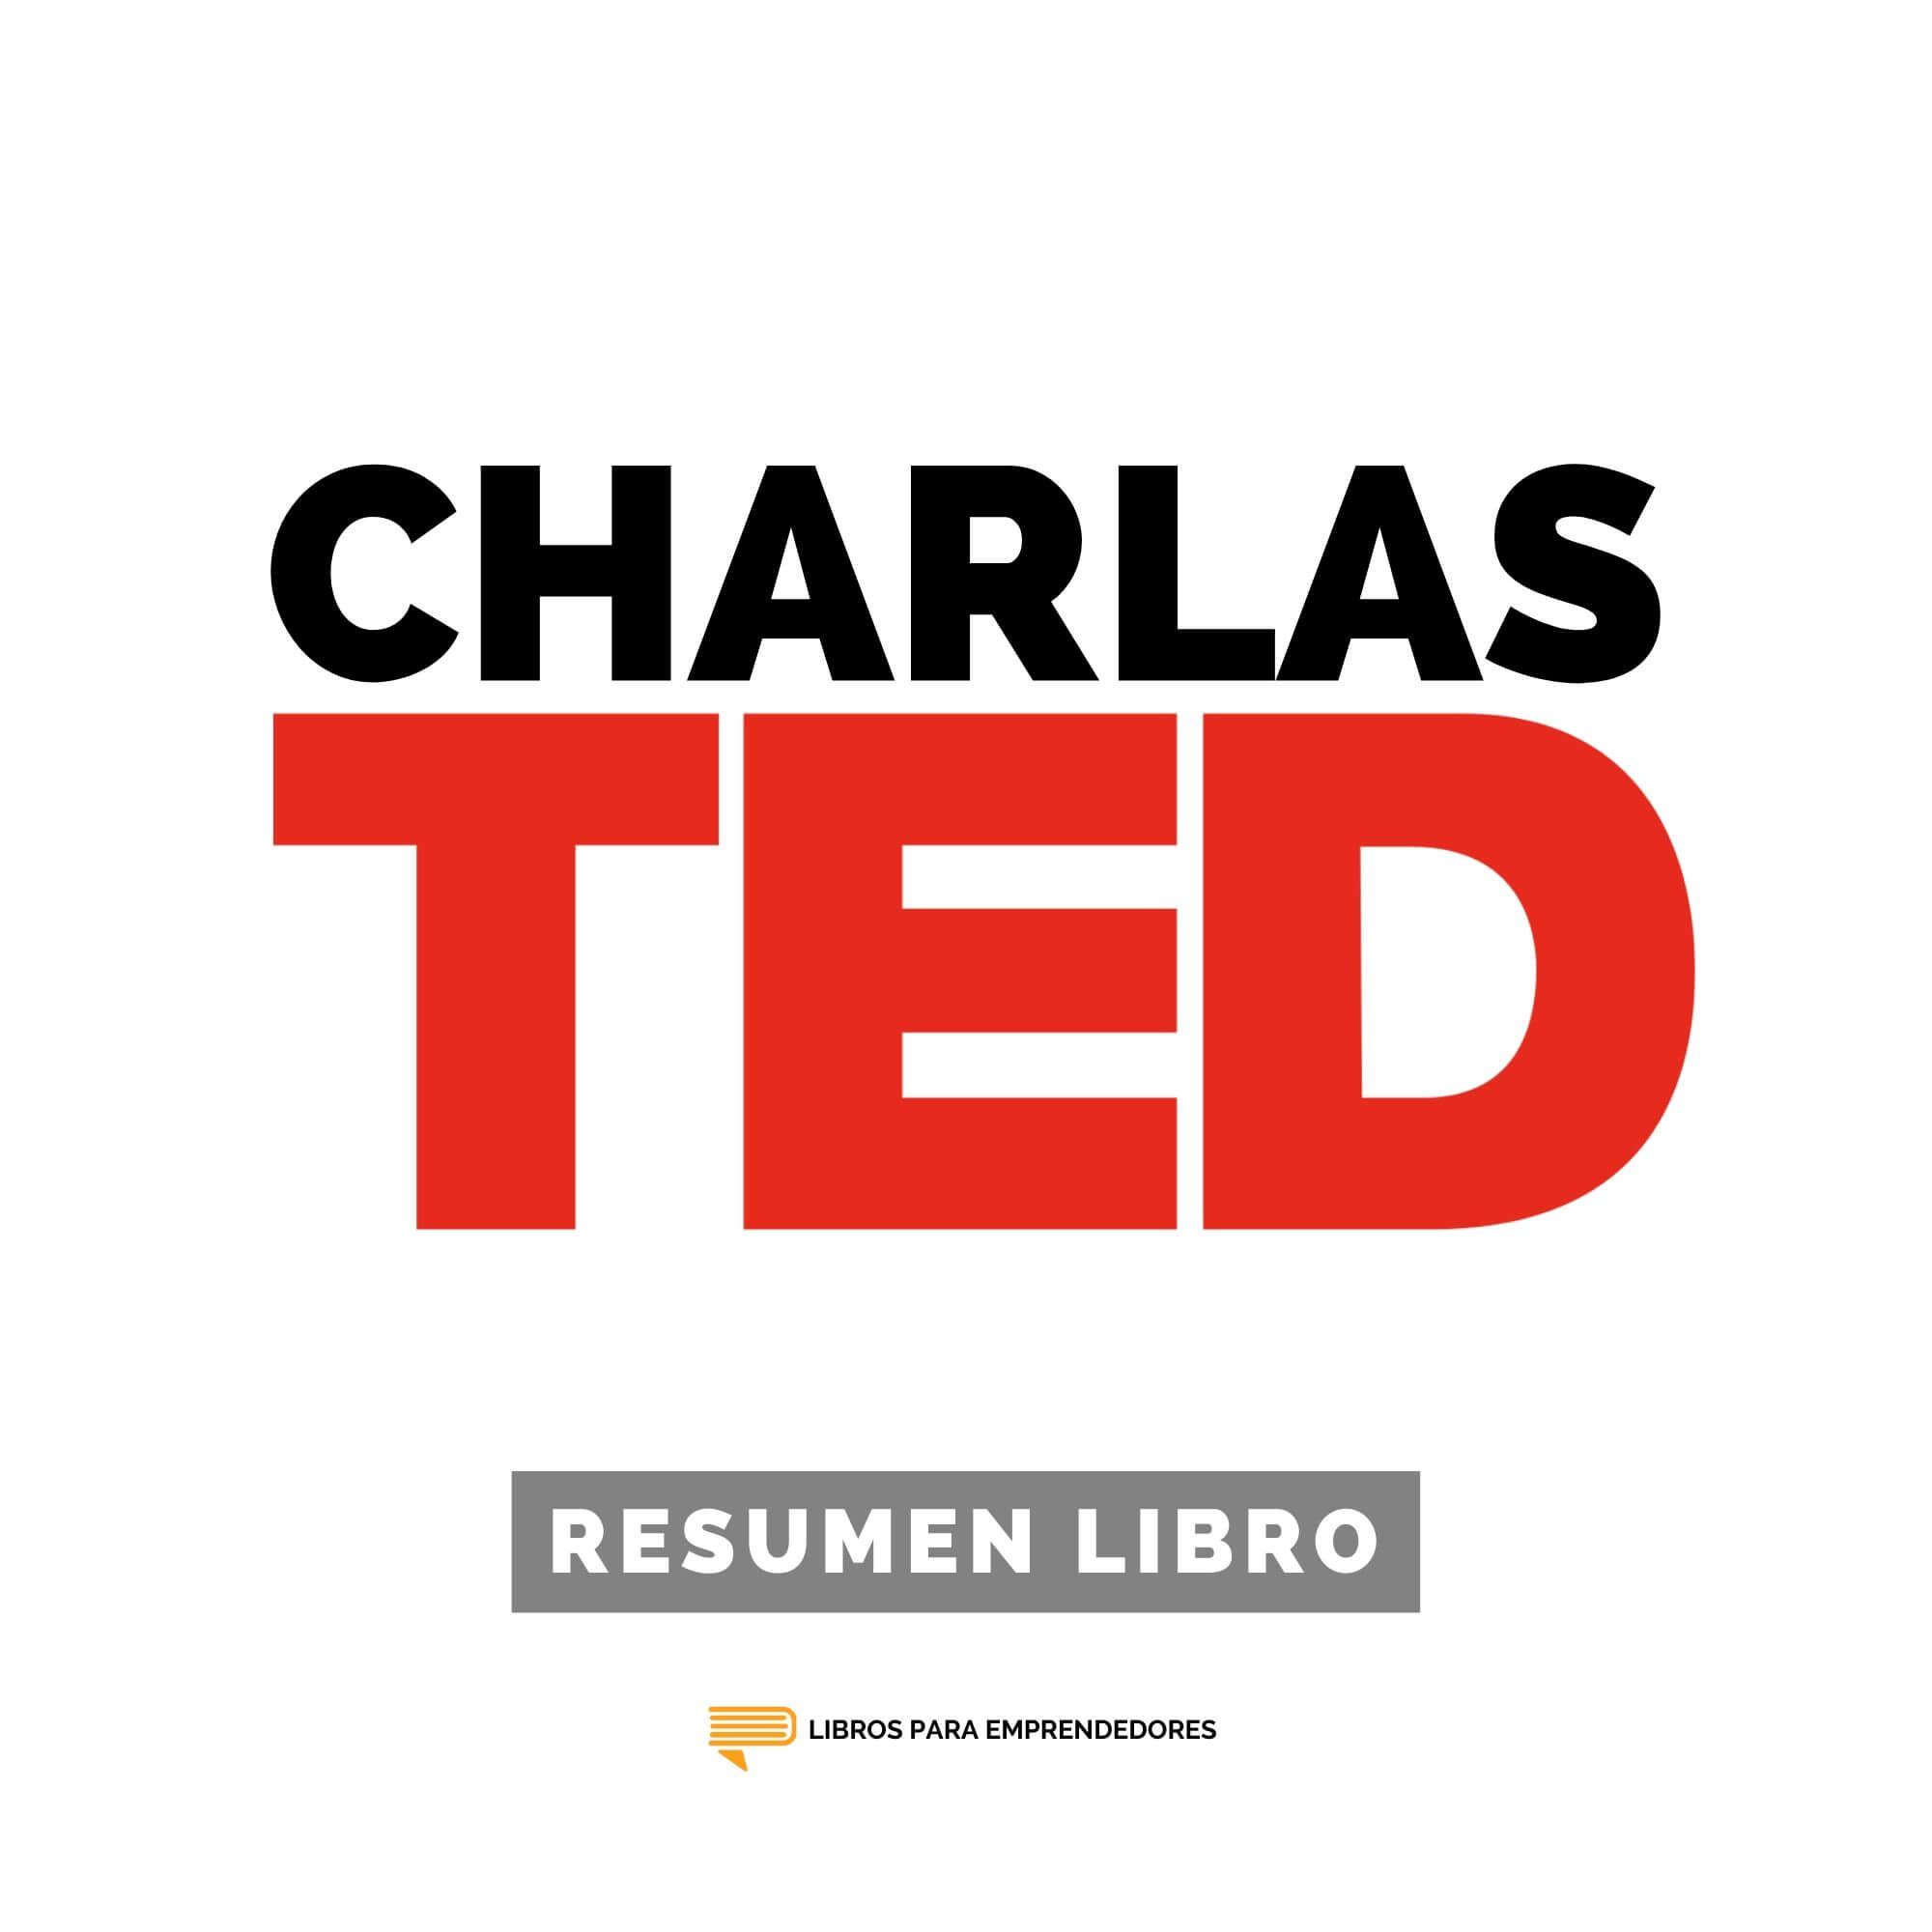 Charlas TED - #126 - Un Resumen de Libros para Emprendedores